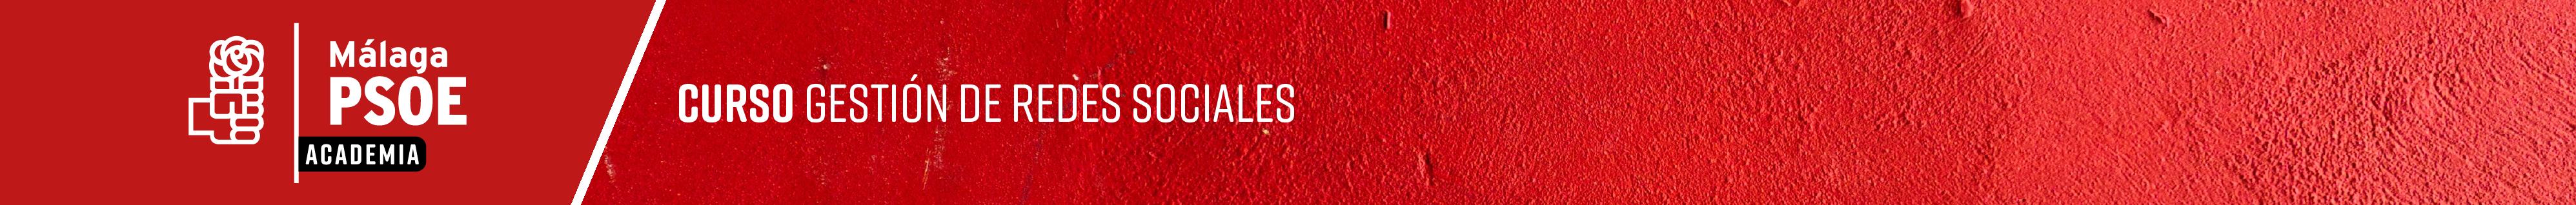 Curso 6: Redes Sociales